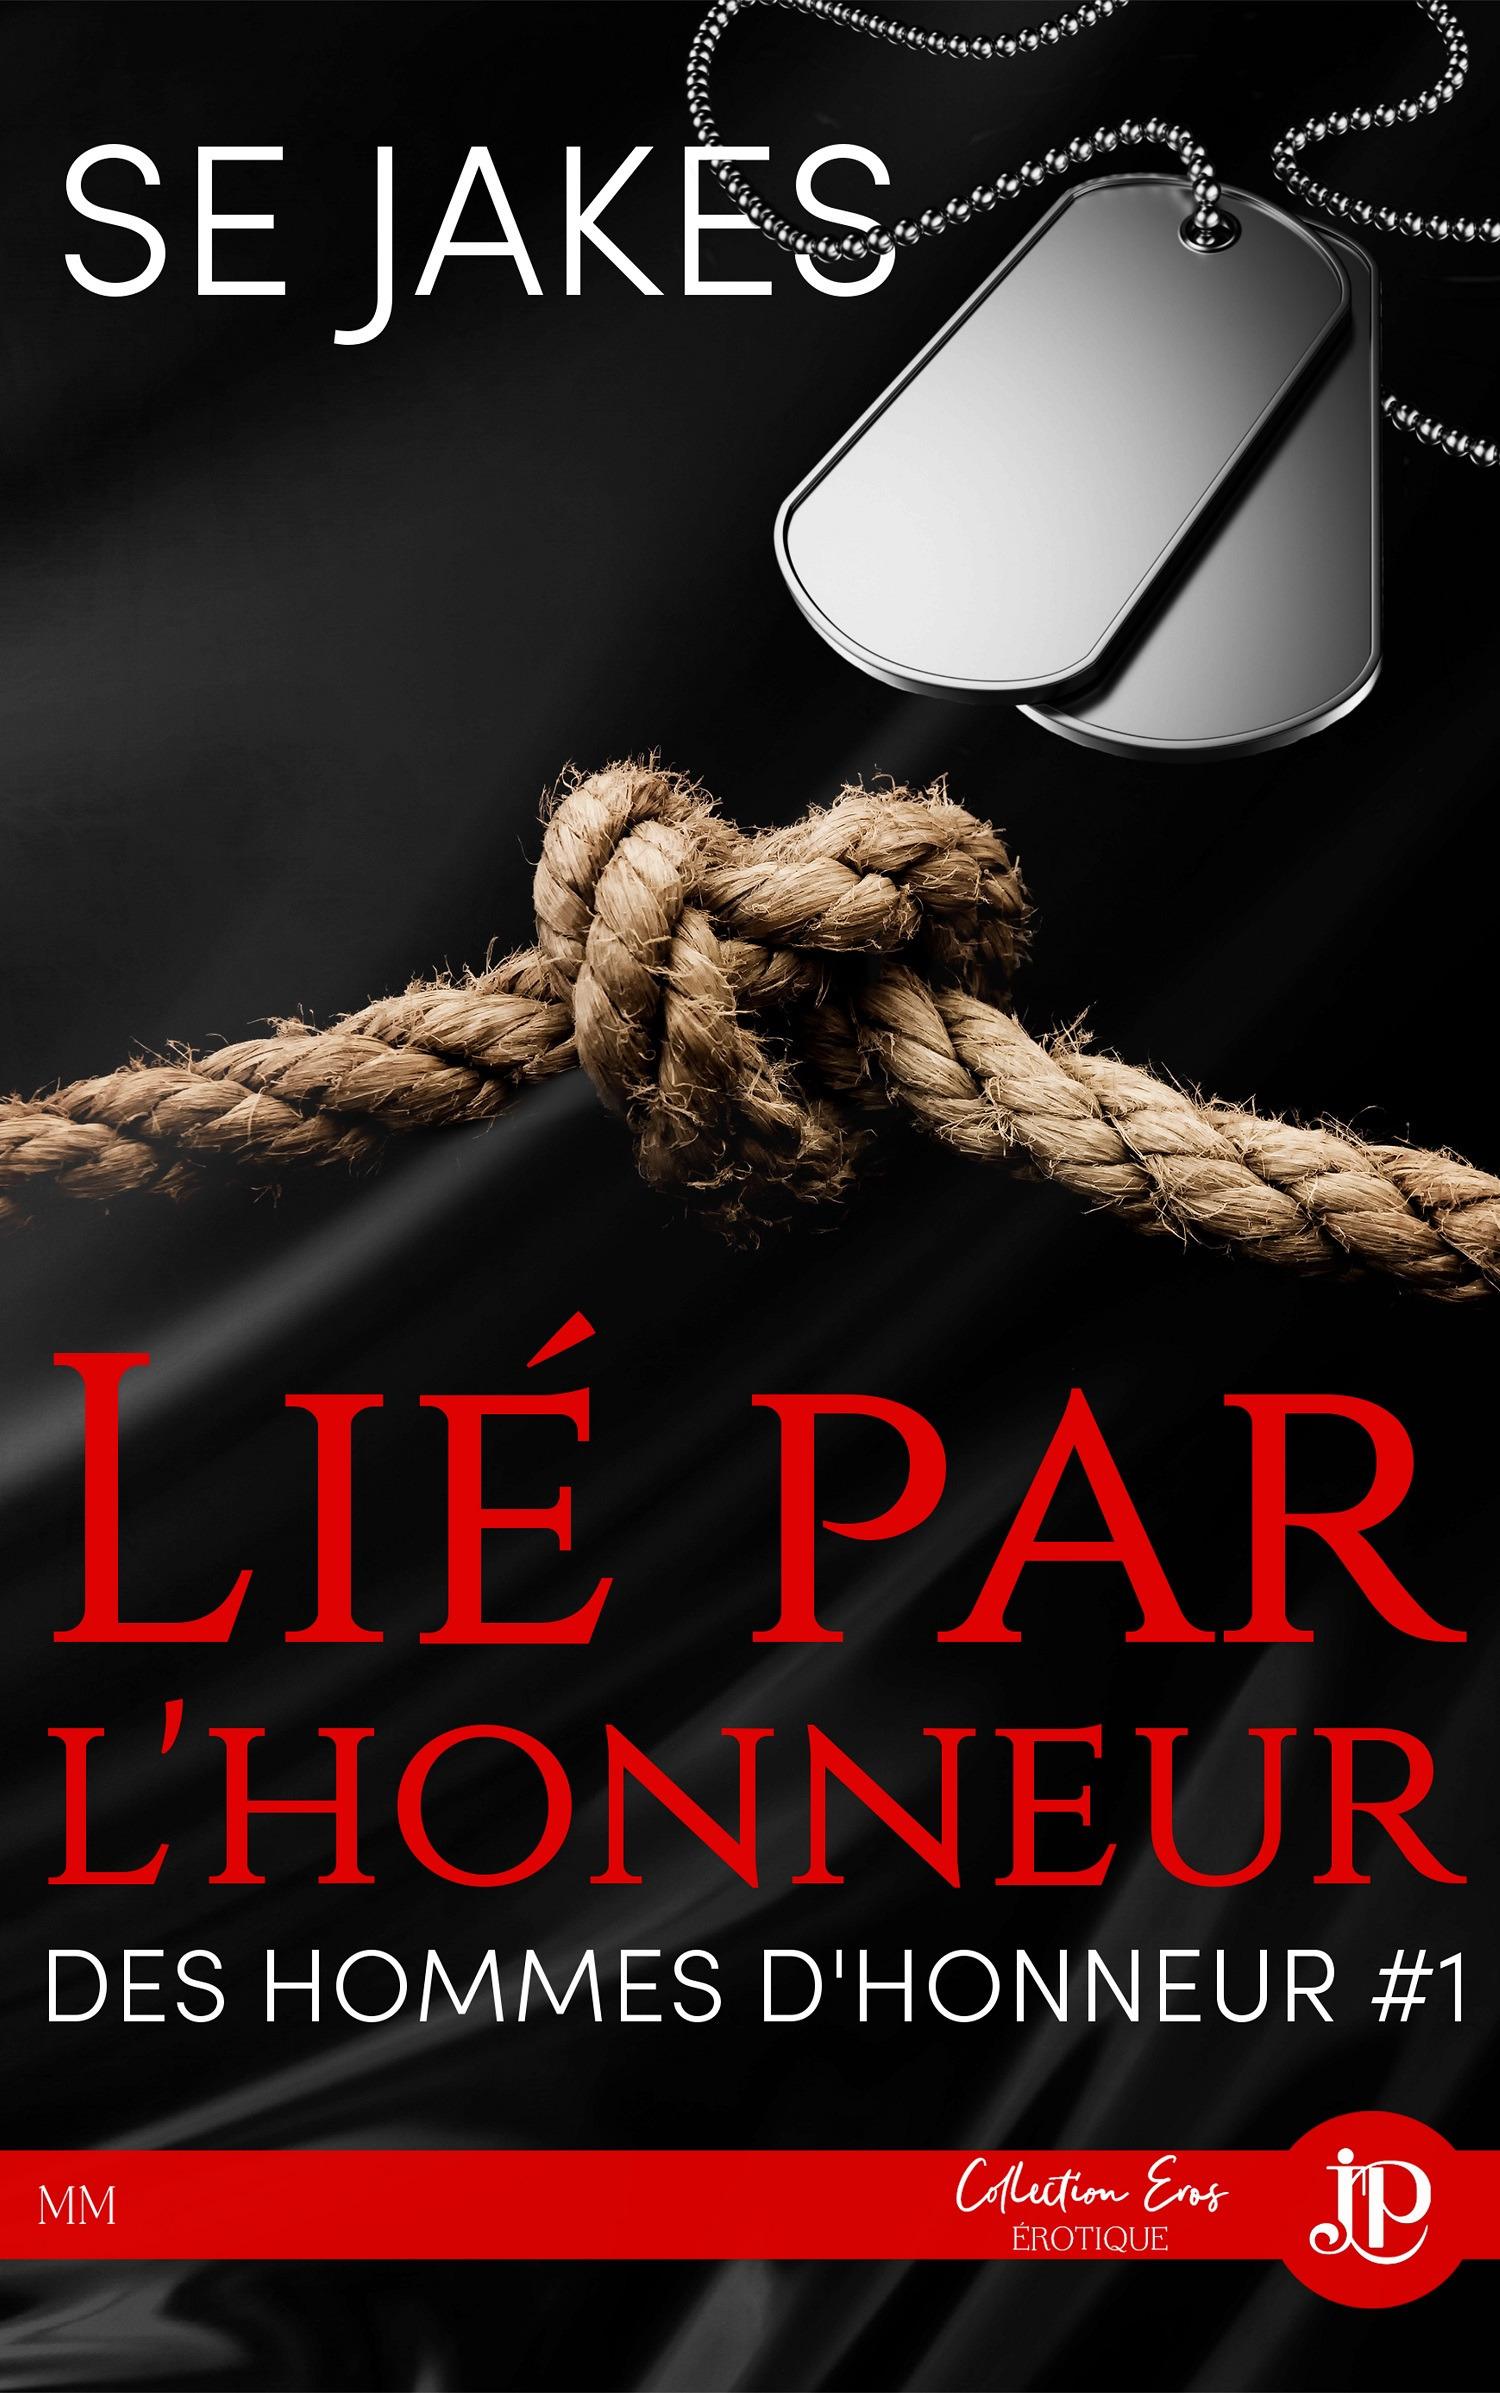 Lie par l'honneur - des hommes d'honneur #1  - Jakes Se